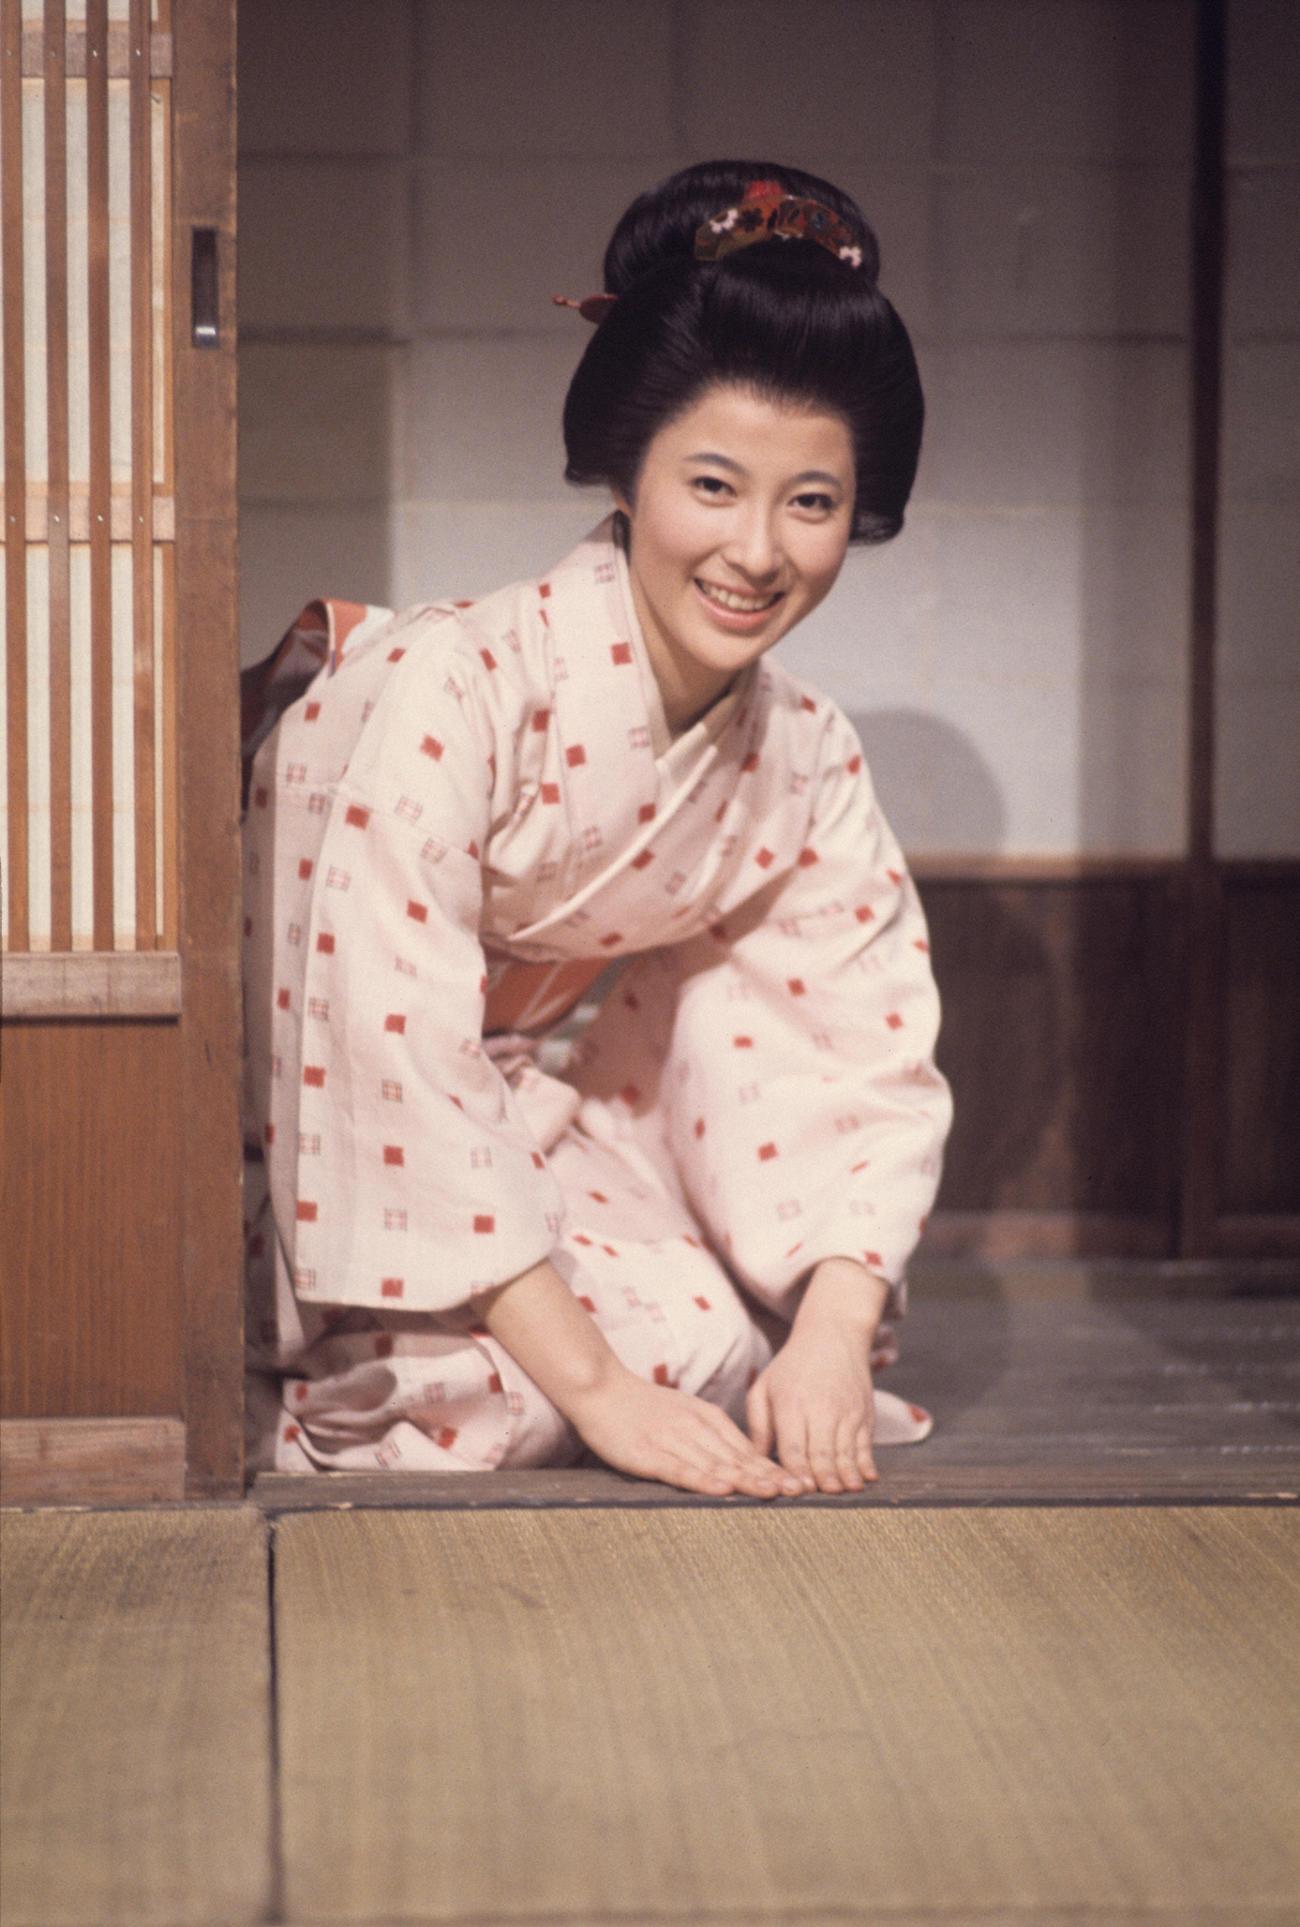 75年1月、デビュー作となったTBS系ポーラテレビ小説「お美津」で主演した岡江久美子さん(TBS提供)